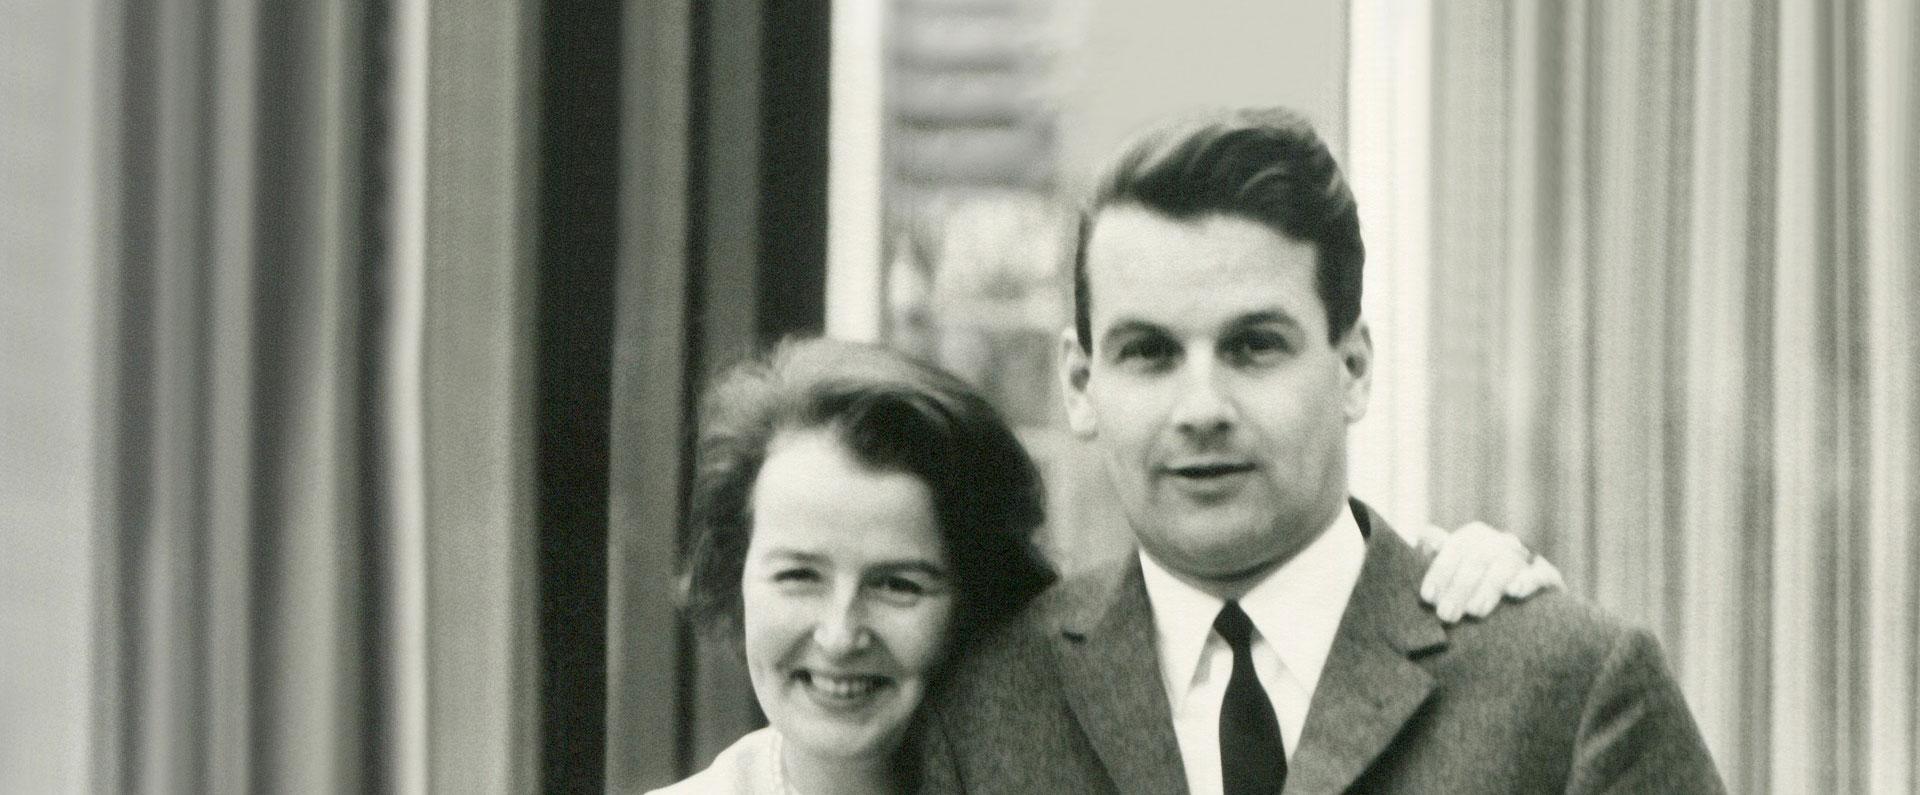 Klaus und Jürgen Thiemann